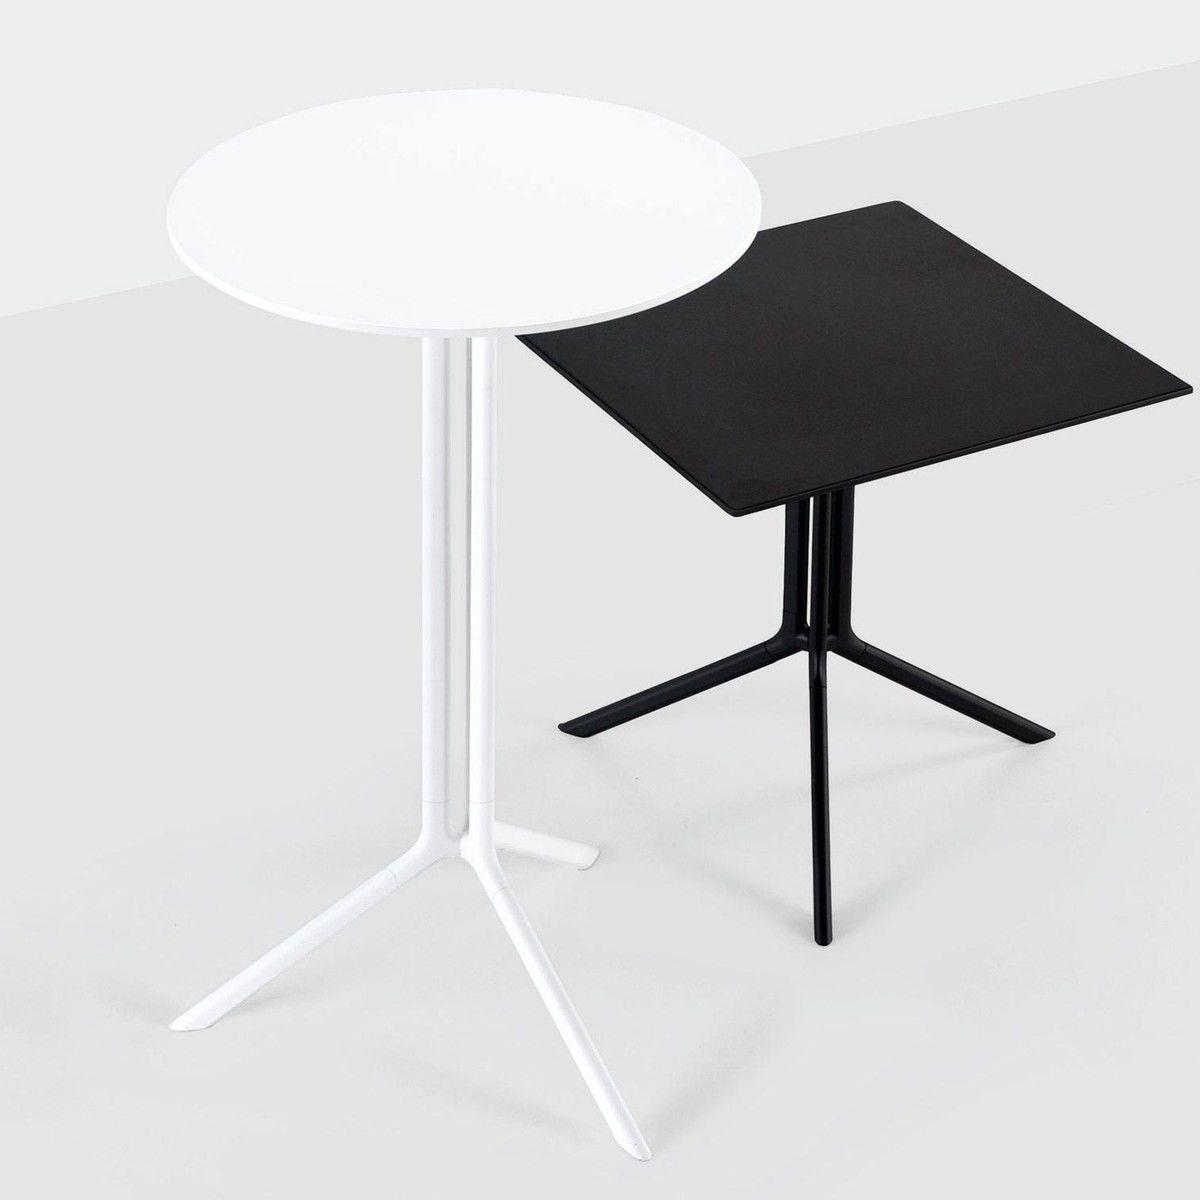 poule table de bistro rectangulaire 60x60cm kristalia. Black Bedroom Furniture Sets. Home Design Ideas